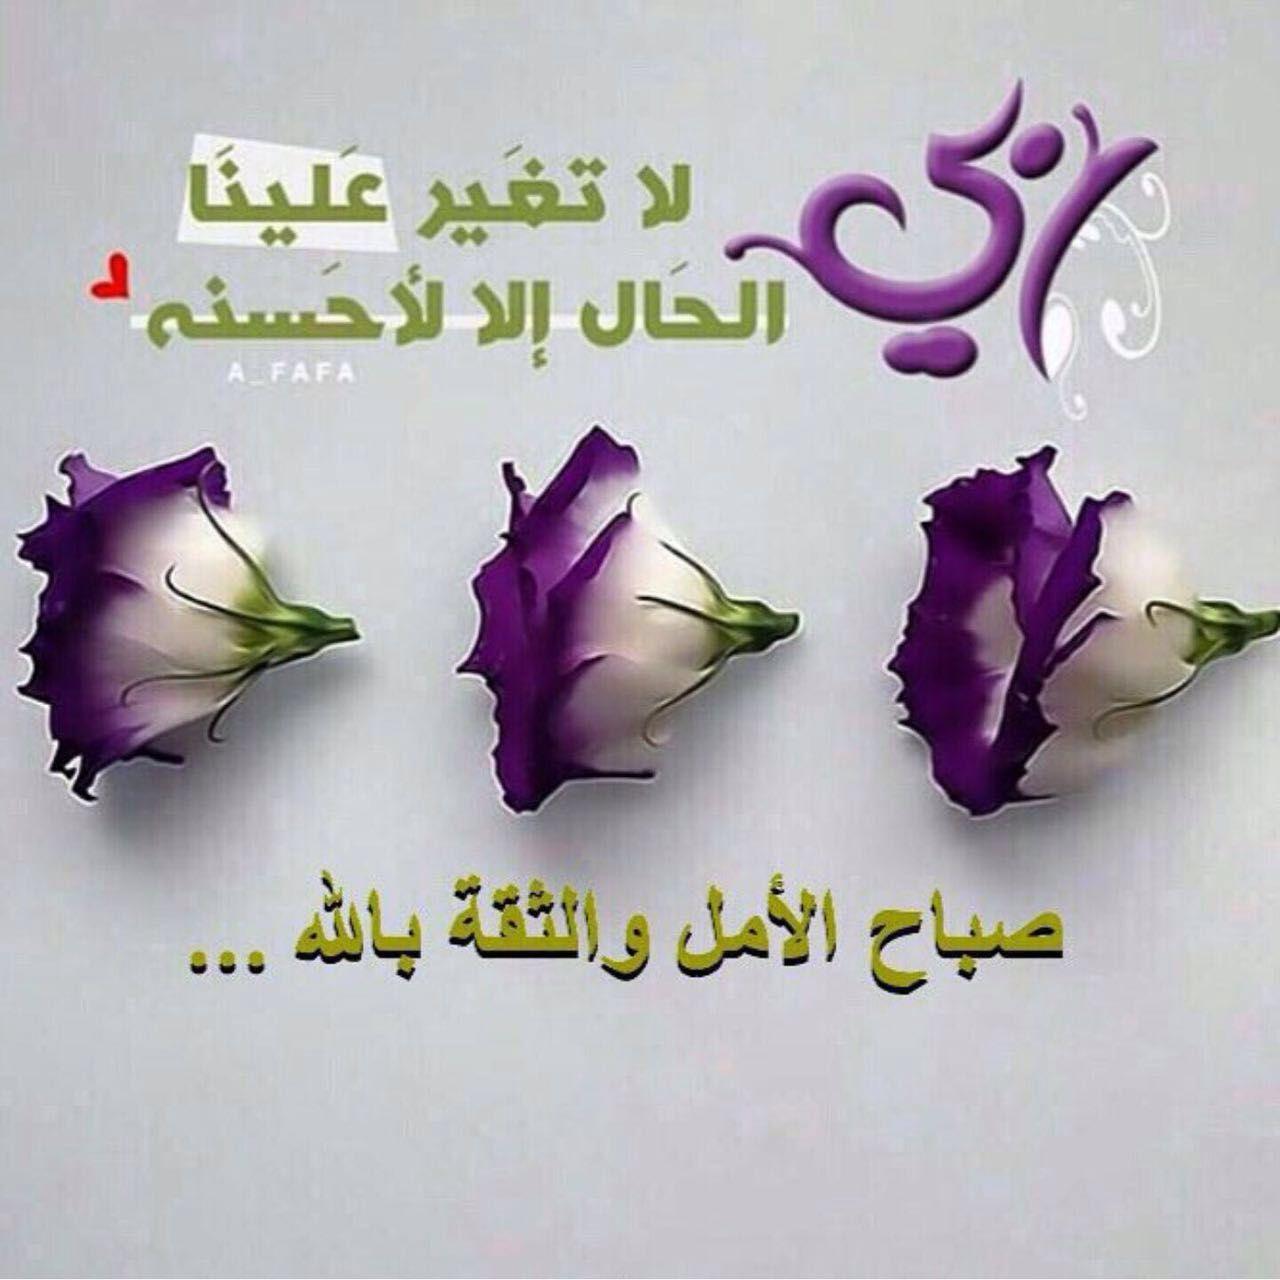 بالصور صور صباحيه للحبيب , اروع الرسائل الصباحية 3437 9